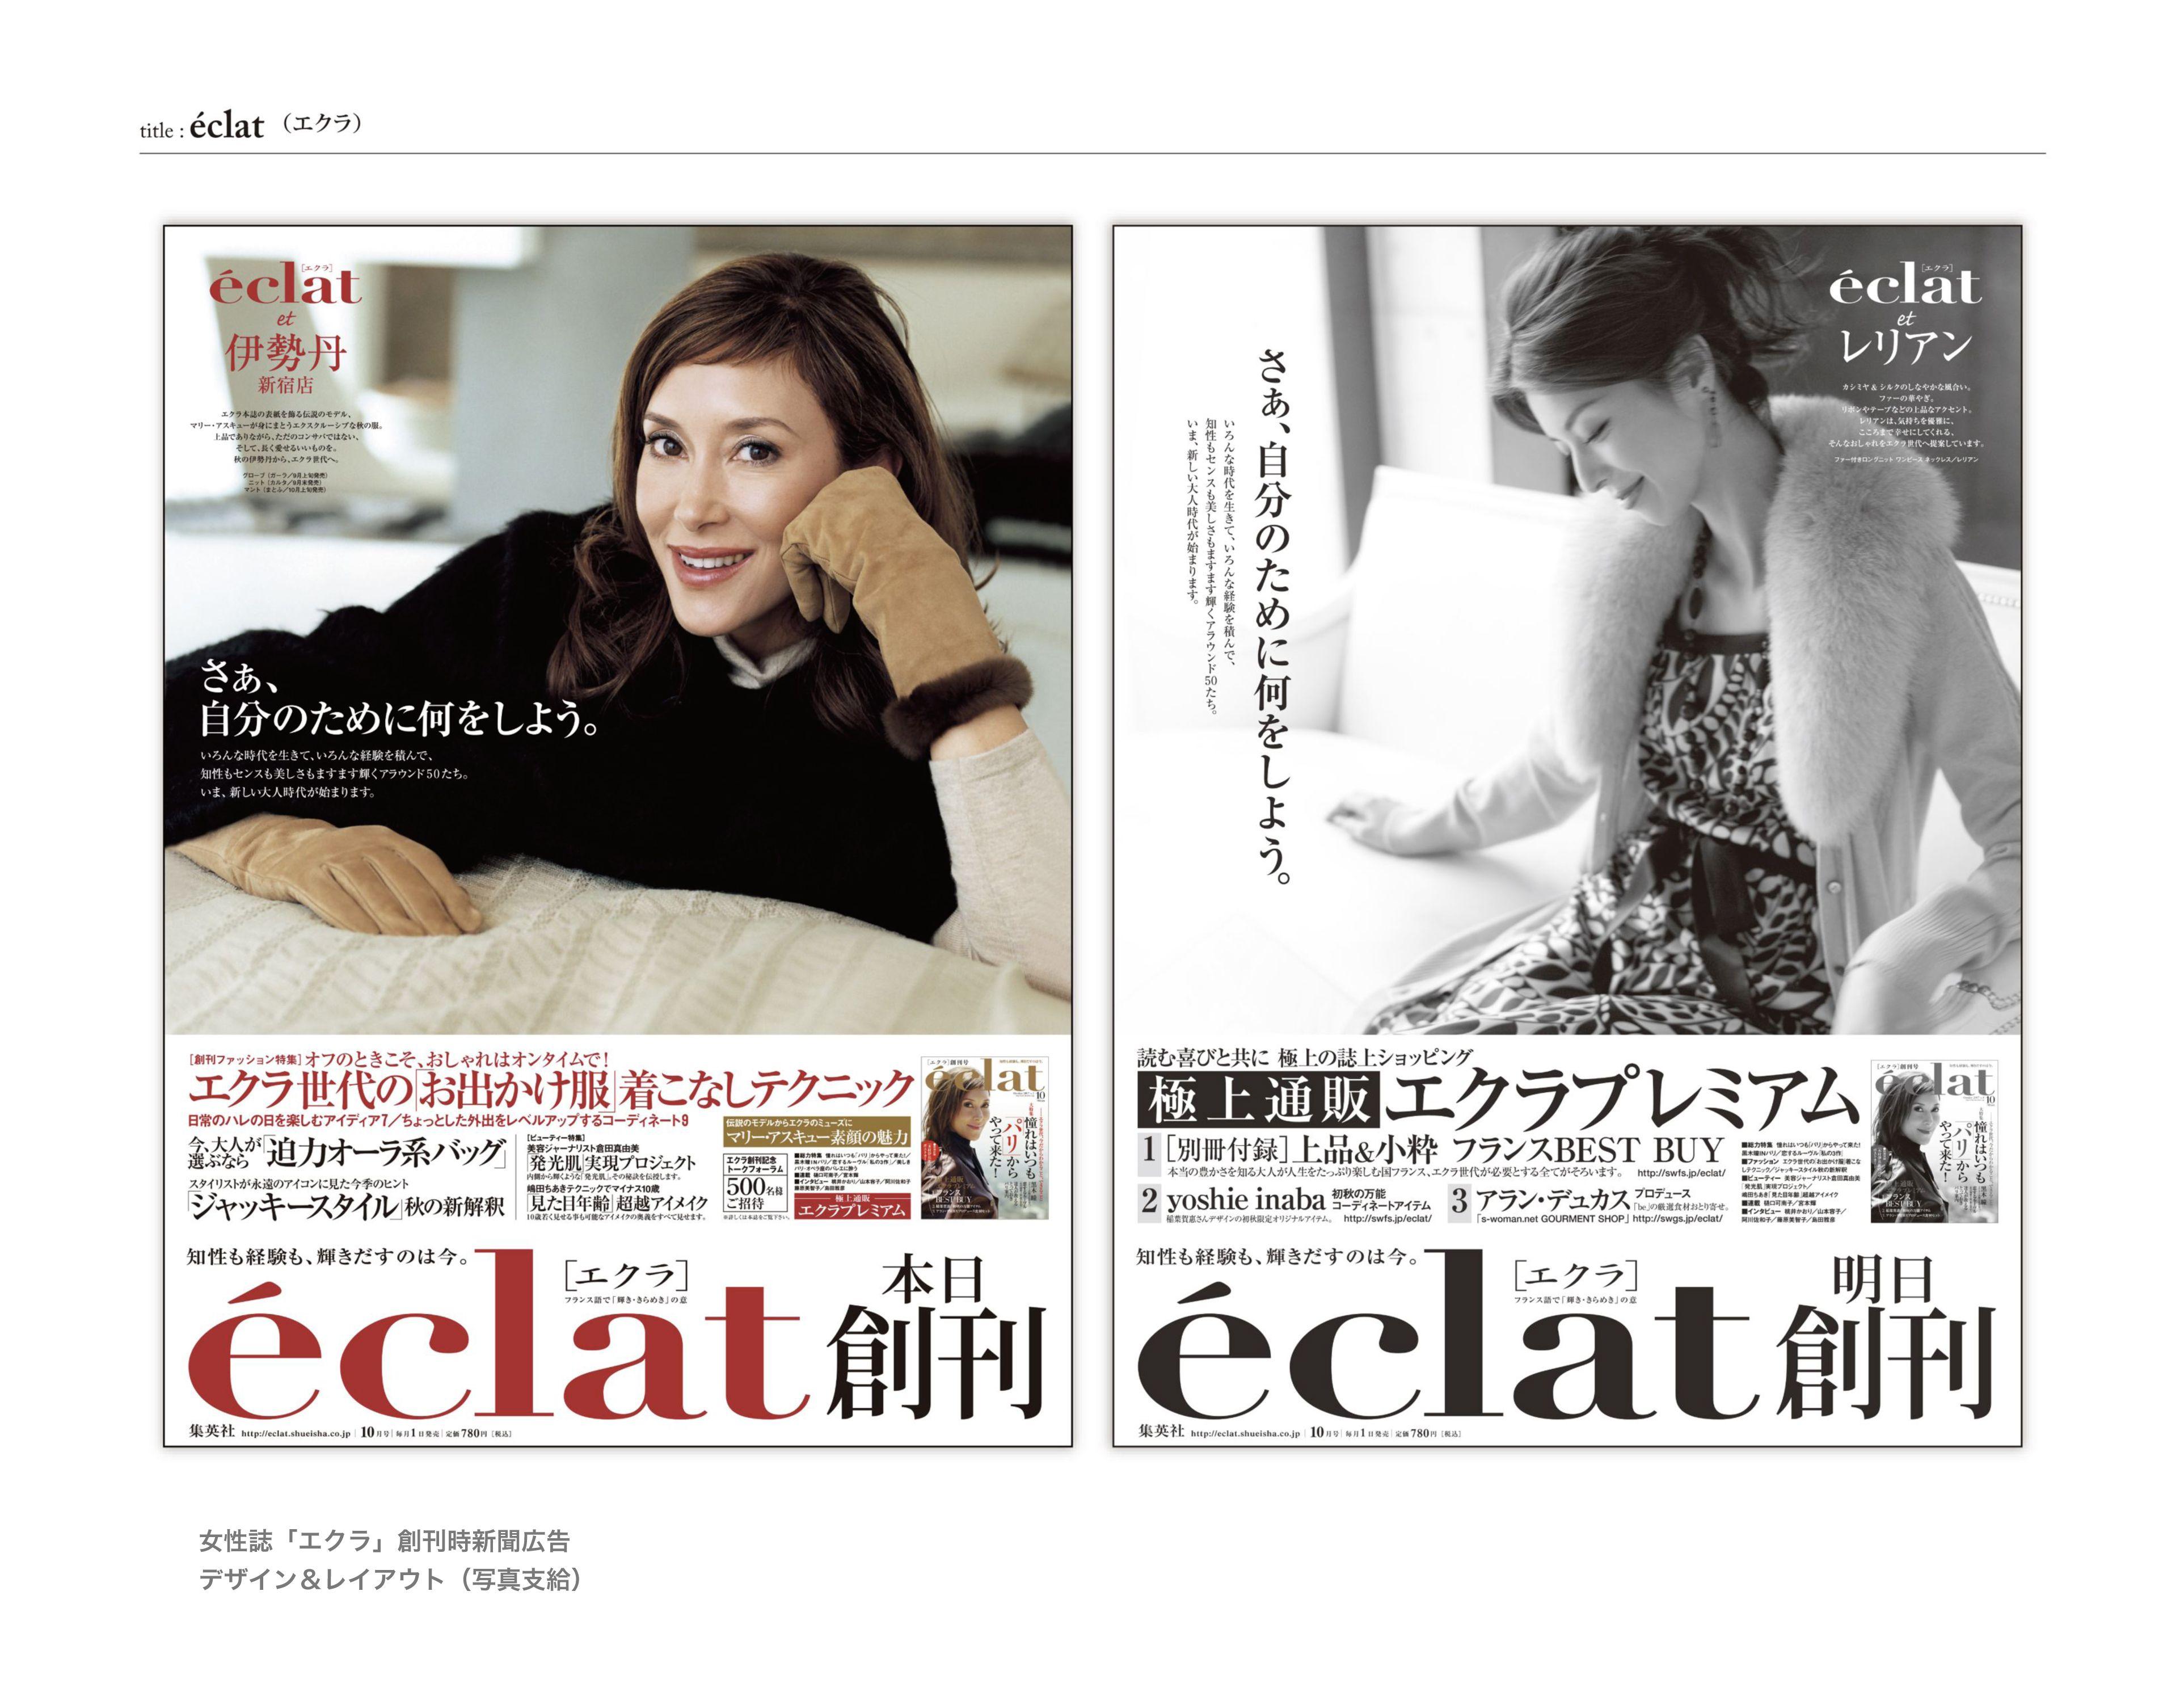 eclat(新聞広告)